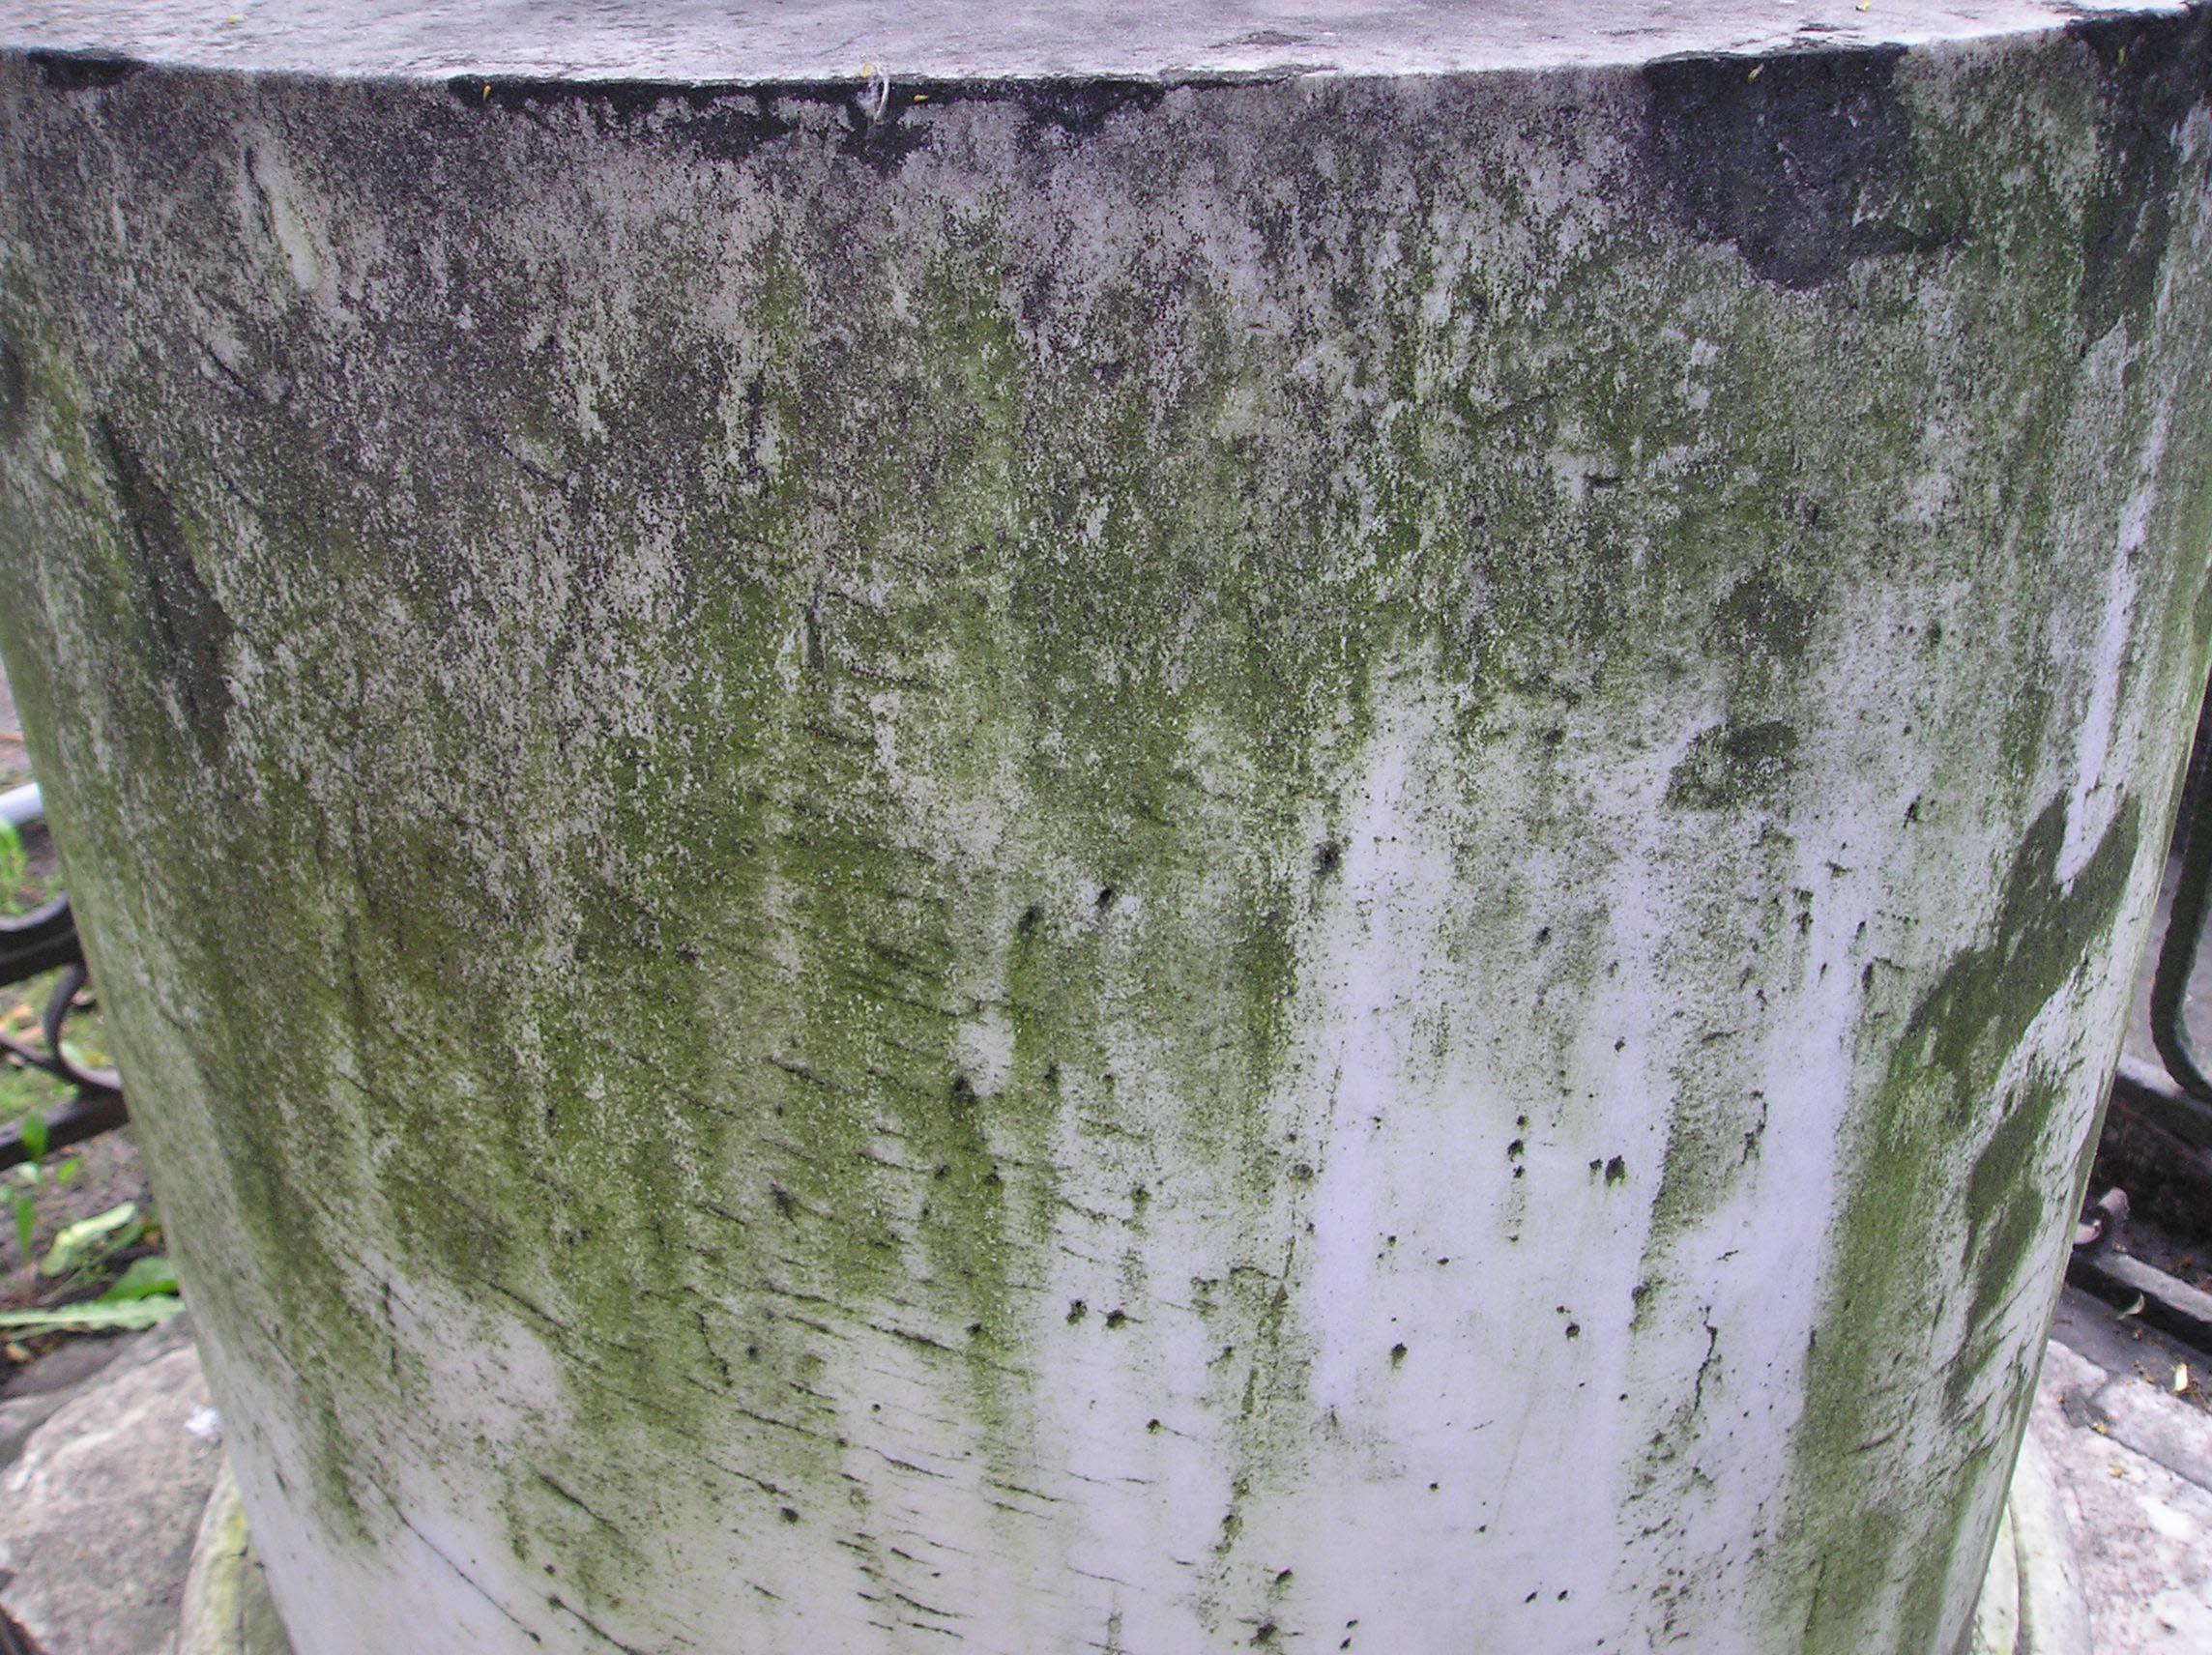 Видны водоросли, отшелушивание. Фото августа 2004 г.